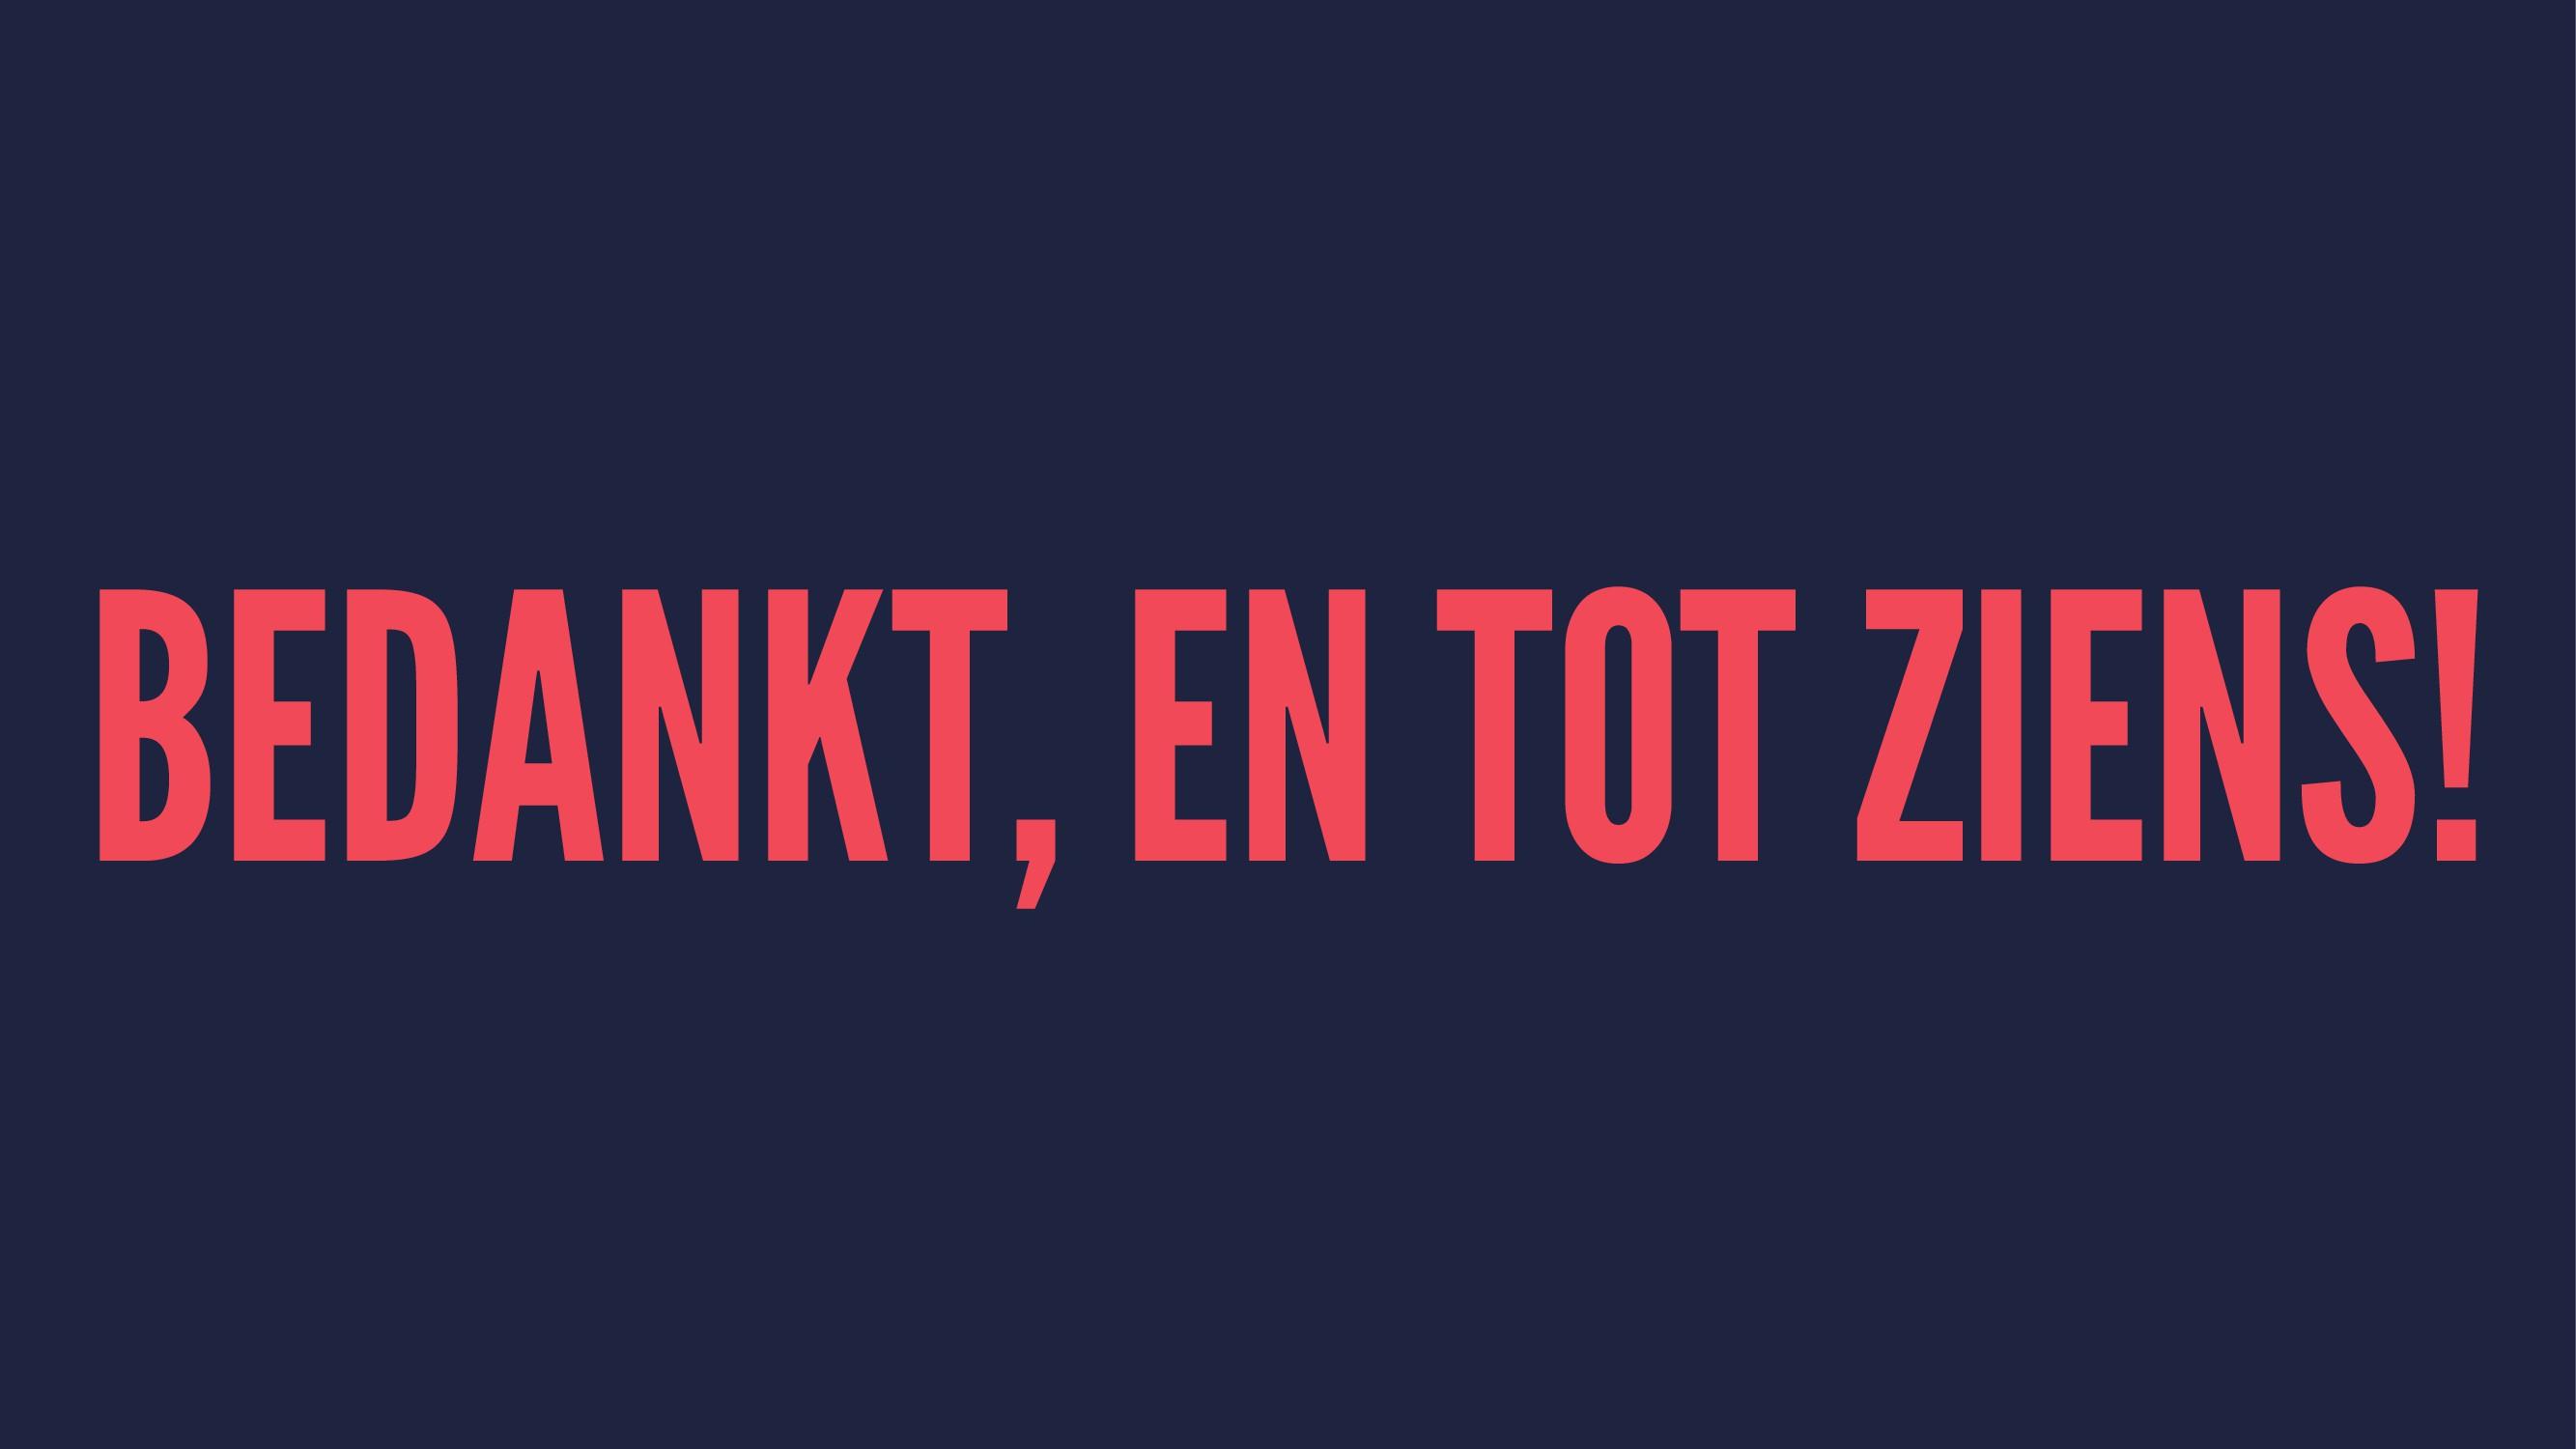 BEDANKT, EN TOT ZIENS!